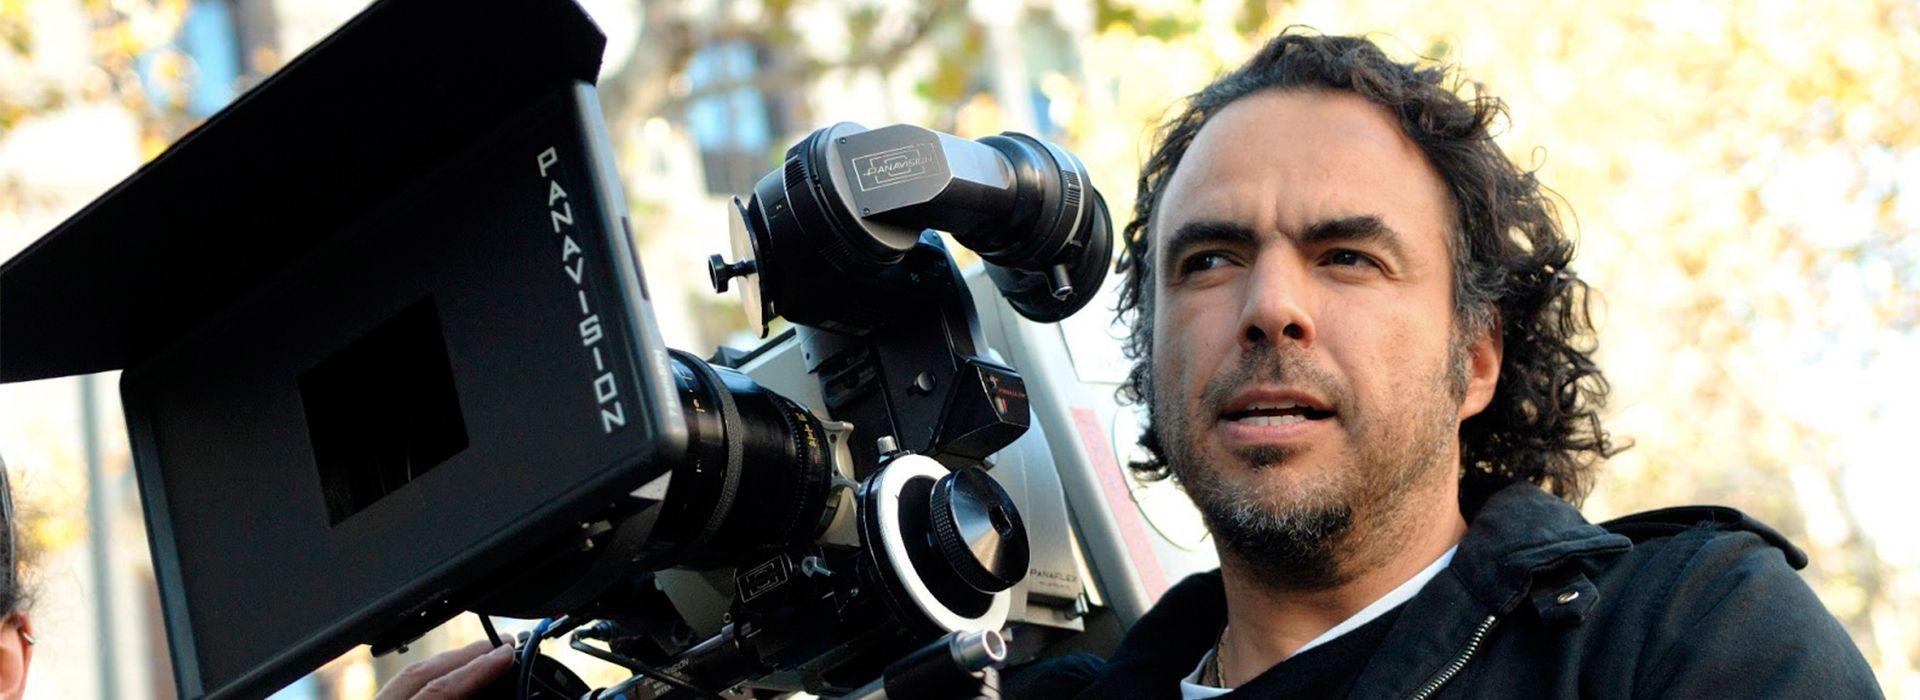 México mejora su imagen internacional a través de sus cineastas